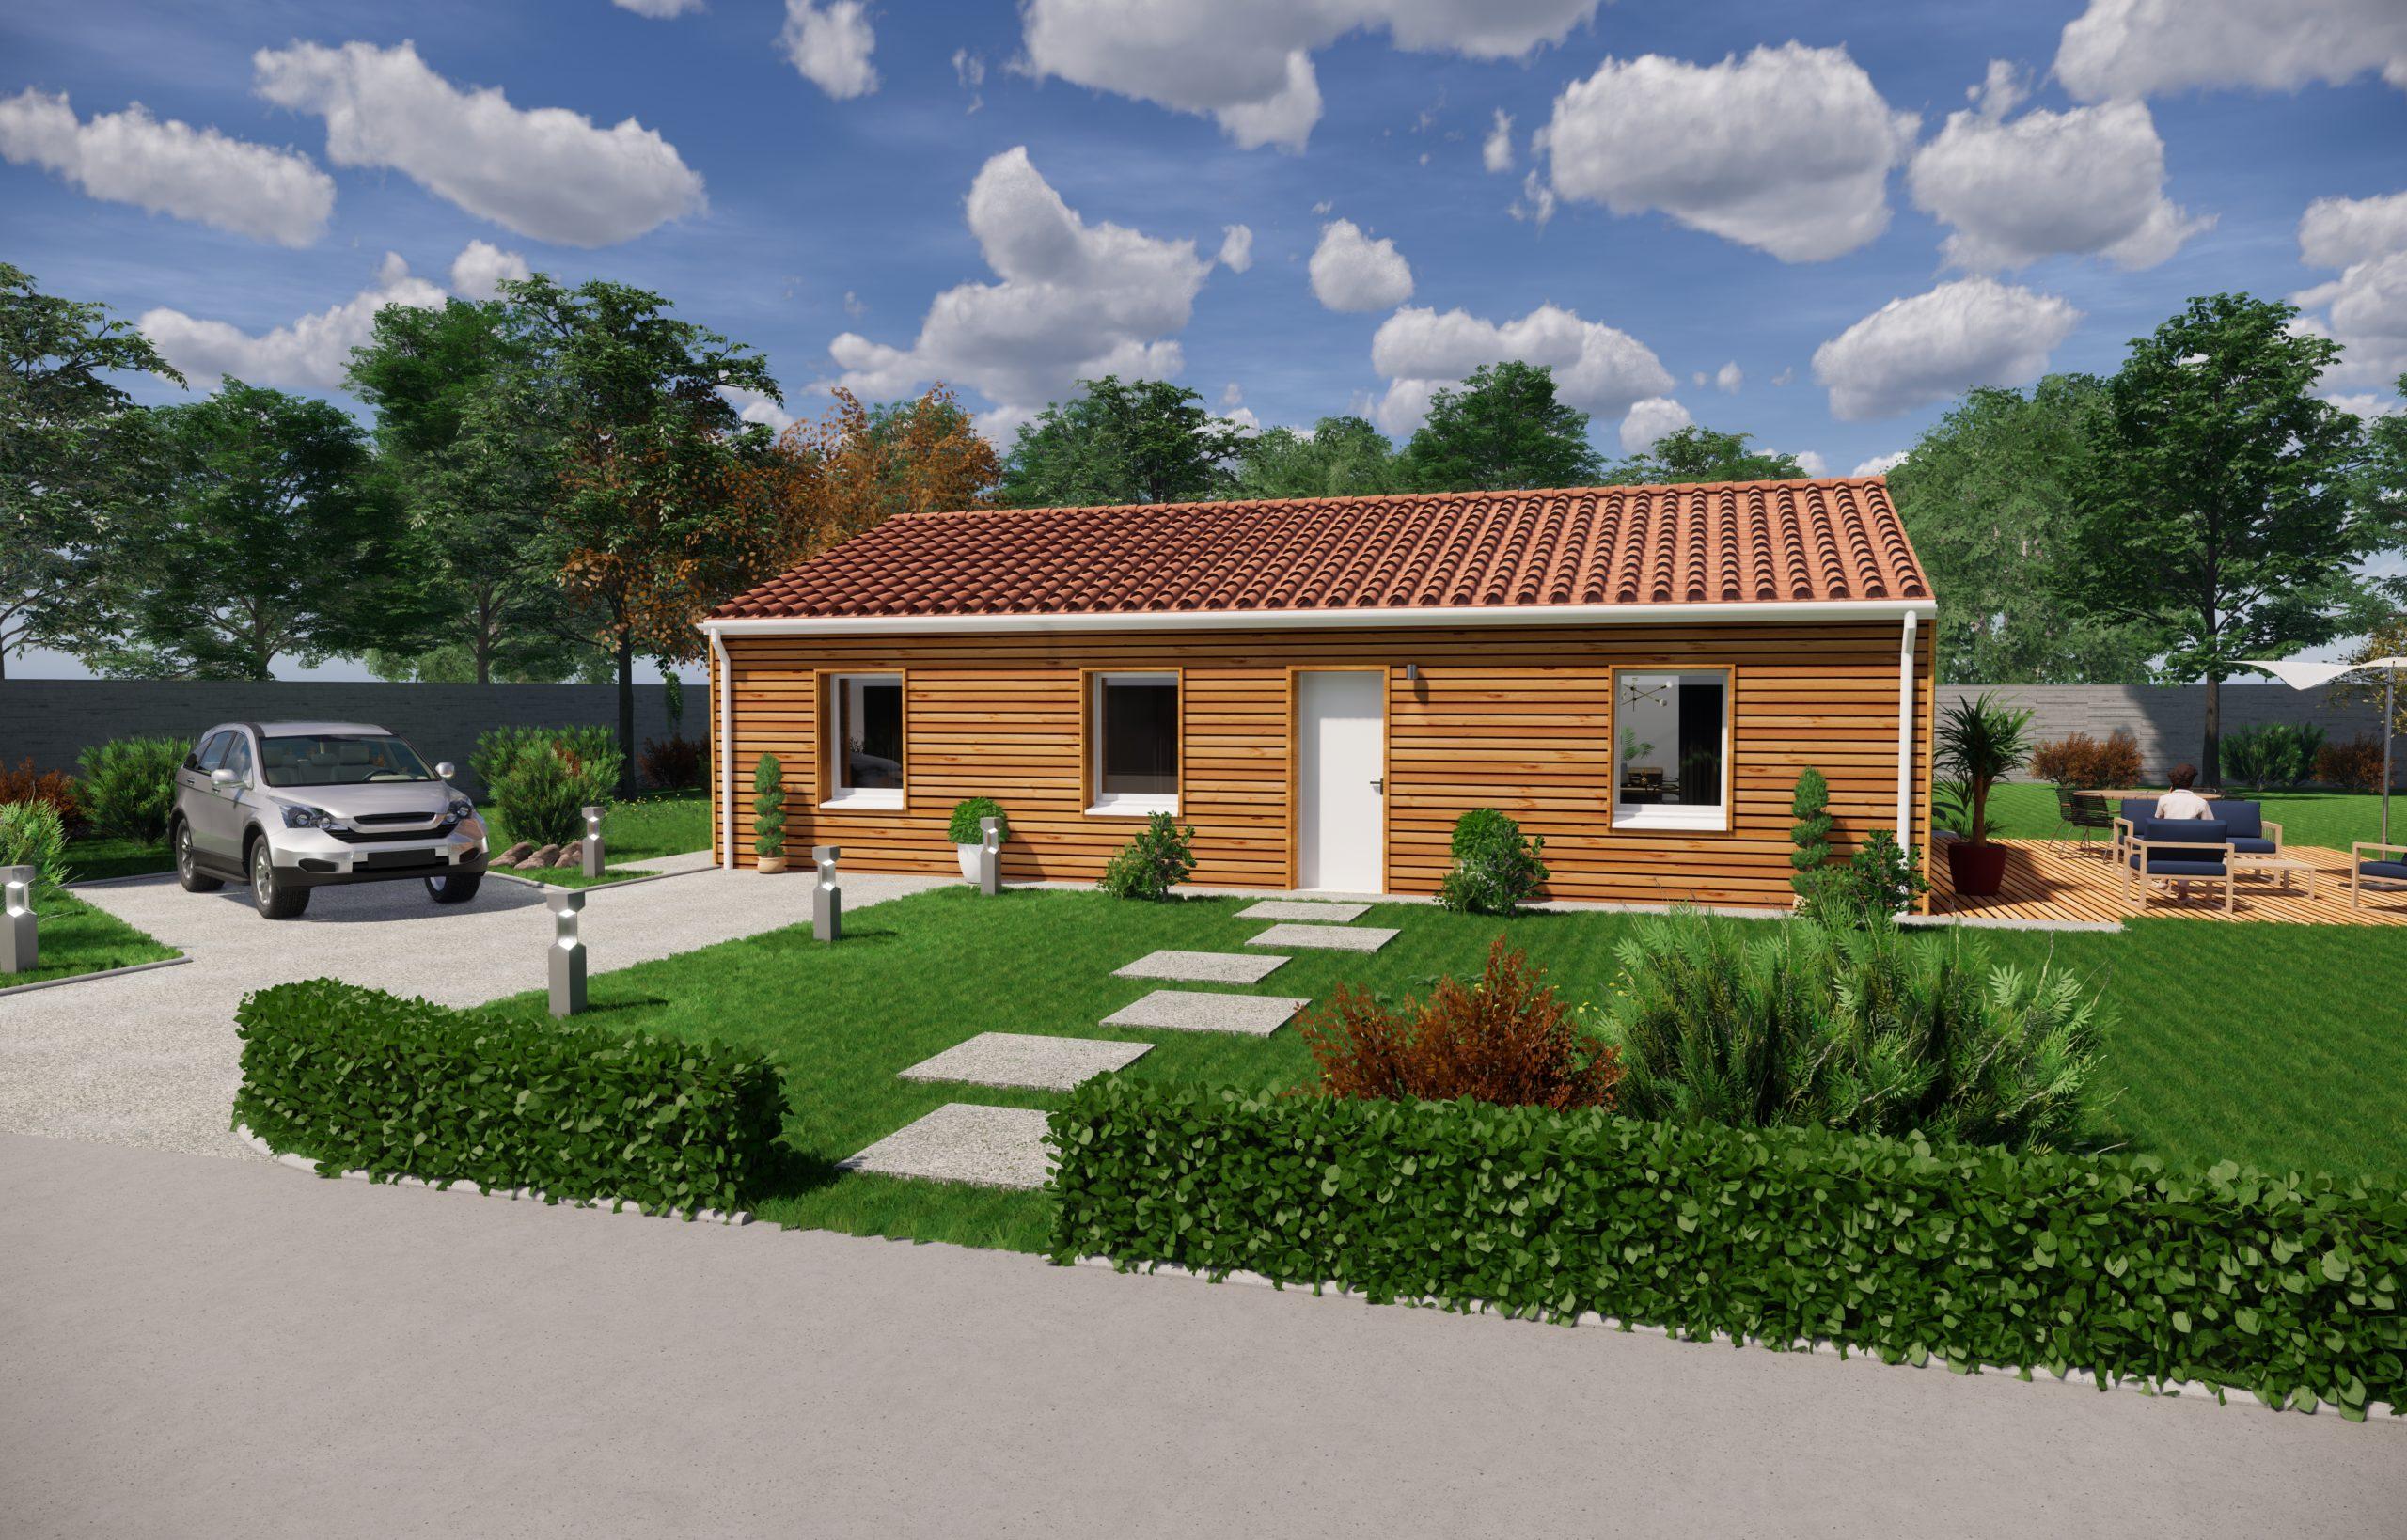 Maison ossature bois-PMB-perigord maisons bois- chalet - maison à construire - maison neuve - proissans- sarlat - perigord - ccmi - contrat de construction - constructeur de maisons individuelles